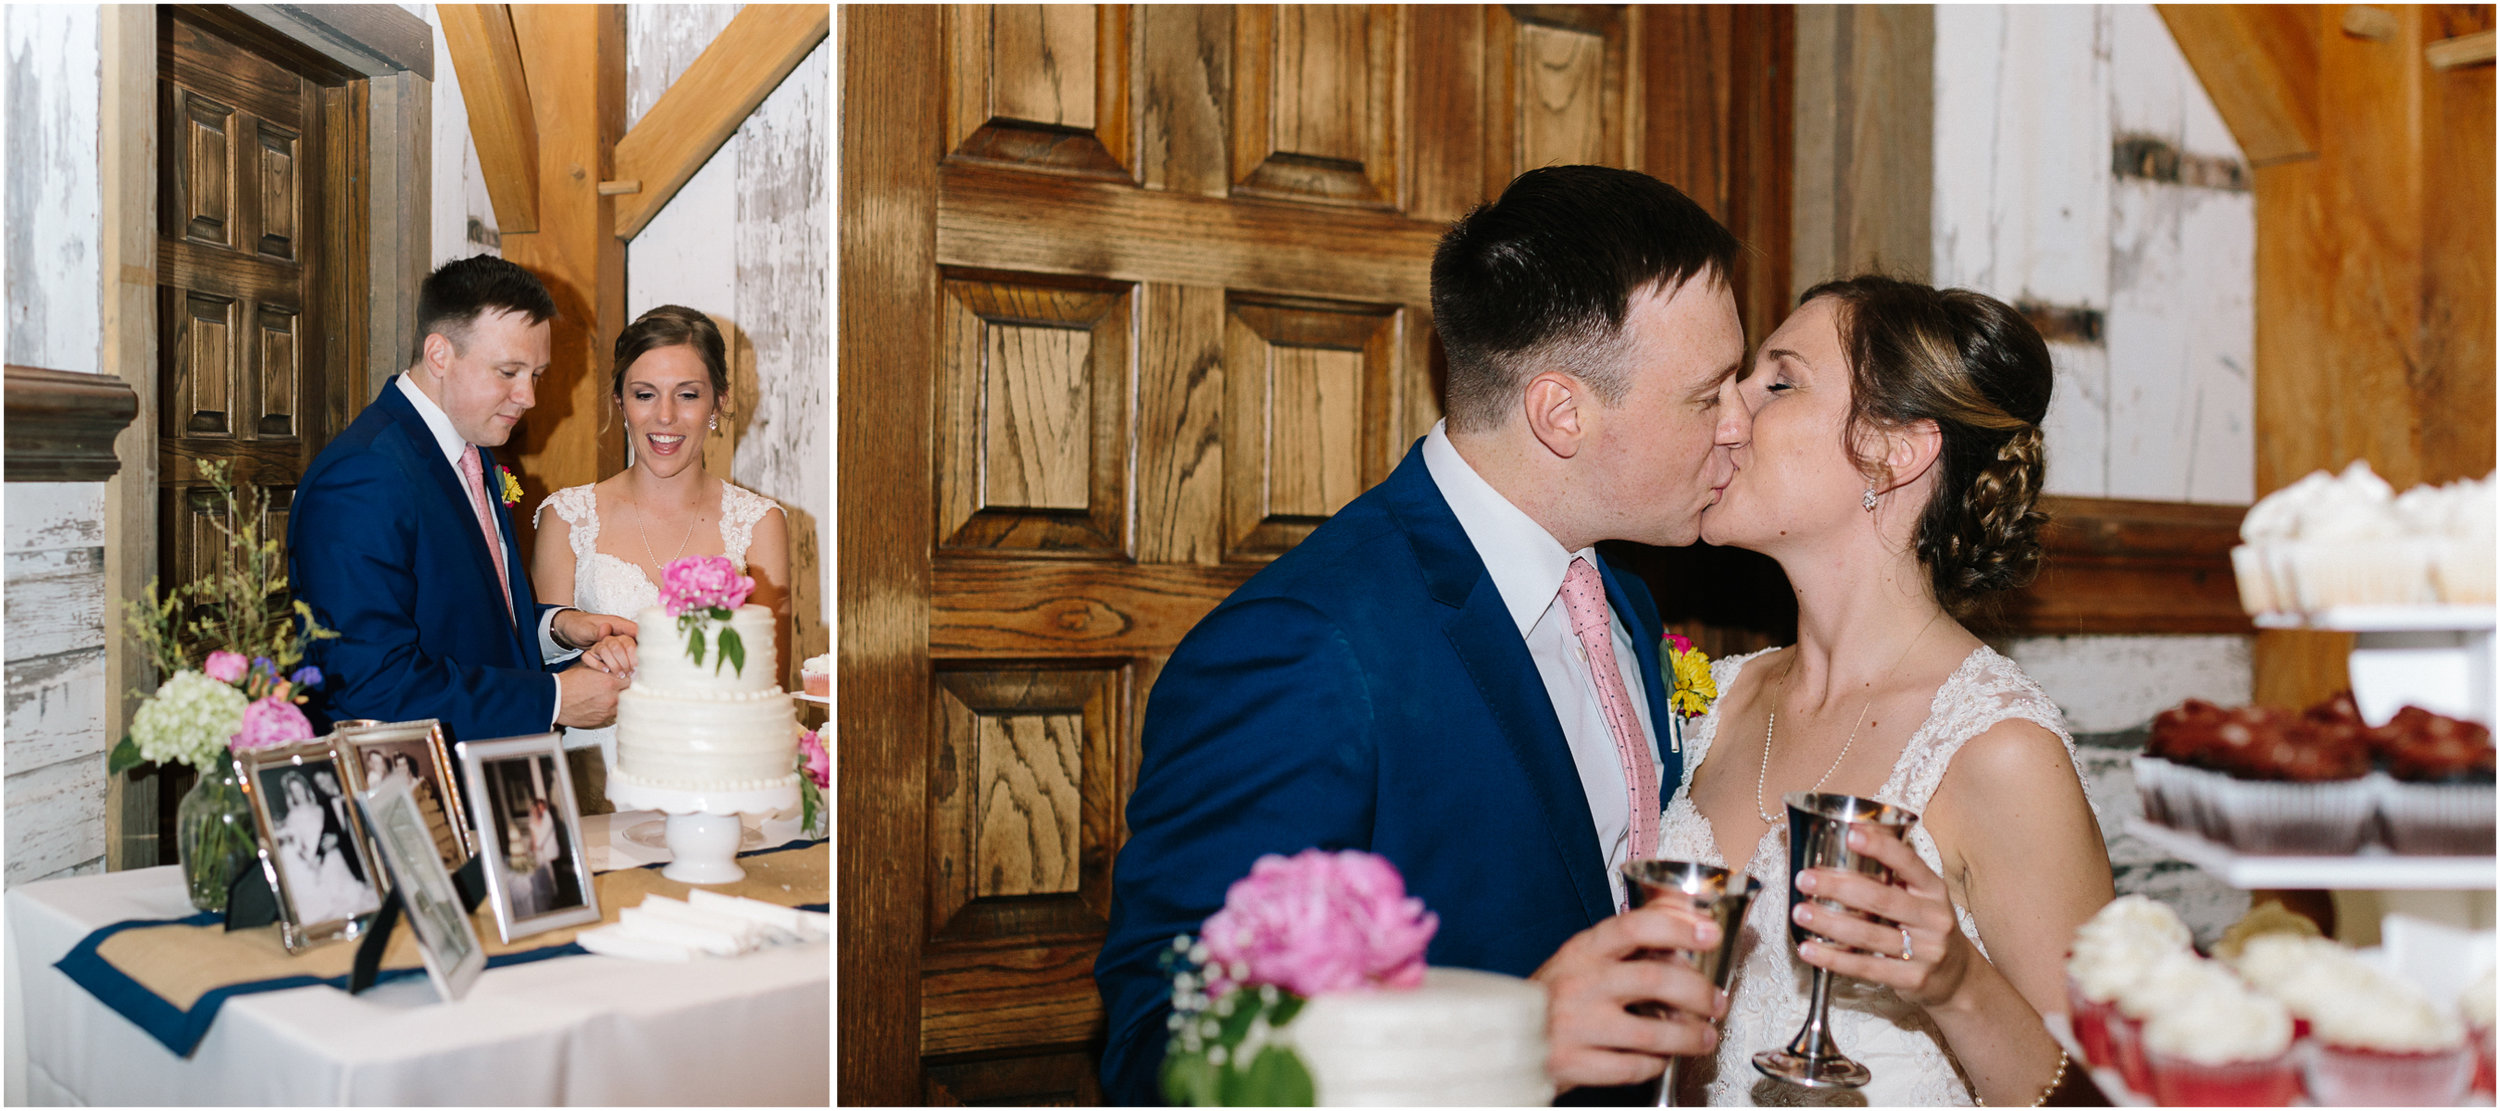 alyssa barletter photography weston missouri bright summer wedding allie and alex cole-59.jpg